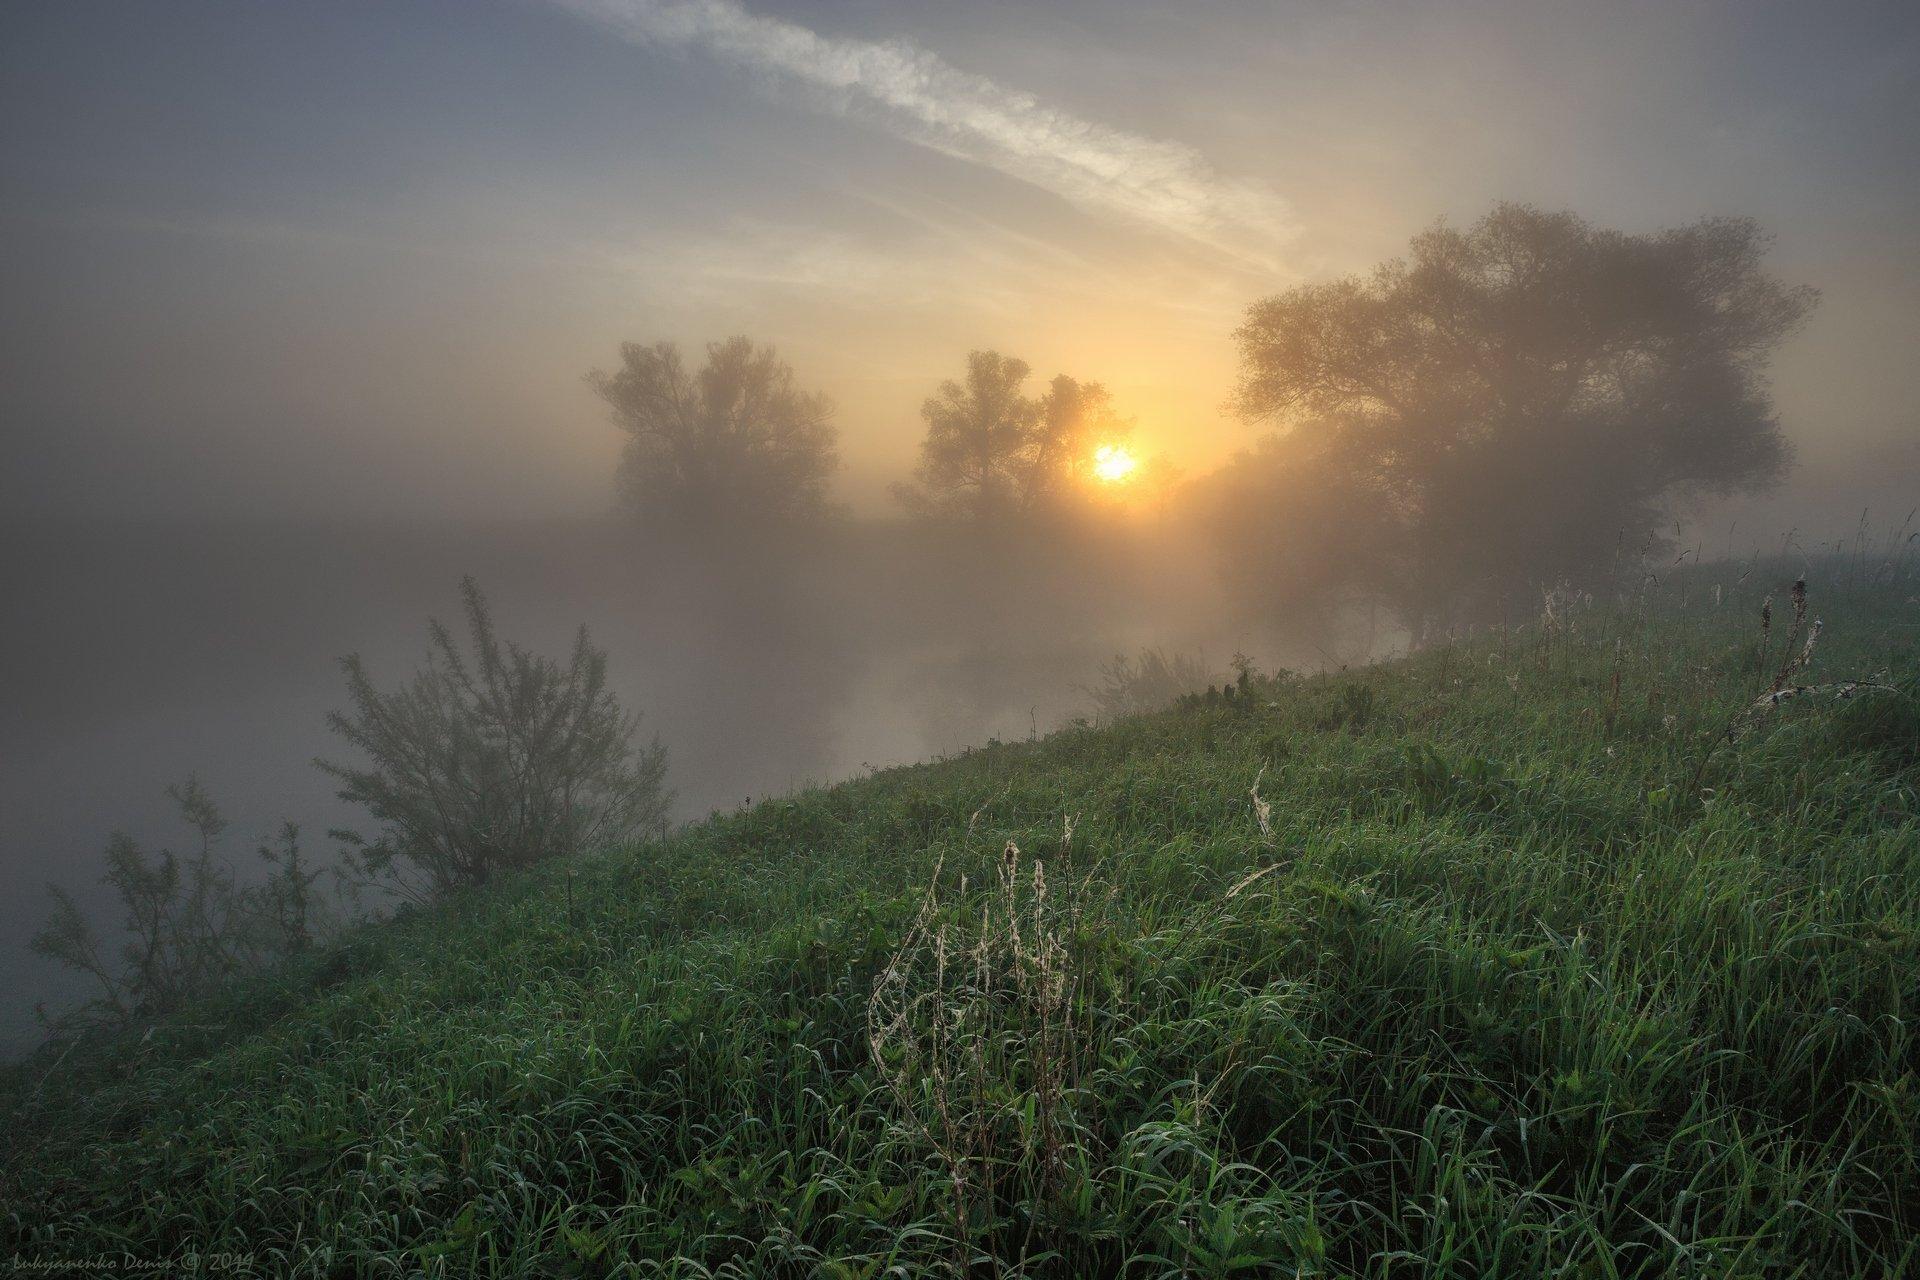 2019, россия, пейзаж, утро, рассвет, солнце, туман, трава, роса, паутина, берег, река, деревья, облака, Лукьяненко Денис